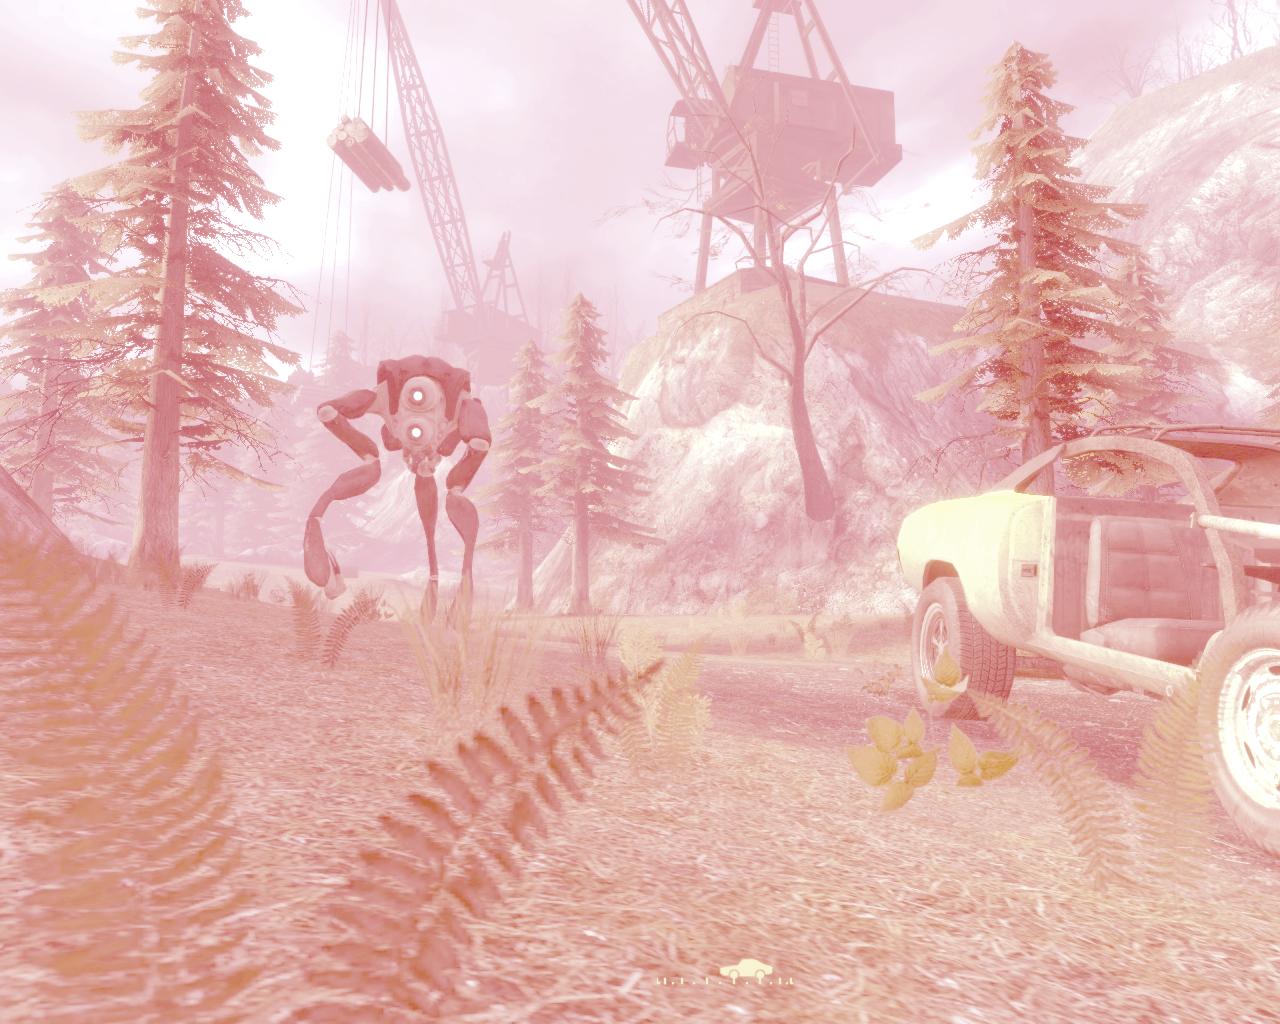 ep2_outland_120009.png - Half-Life 2